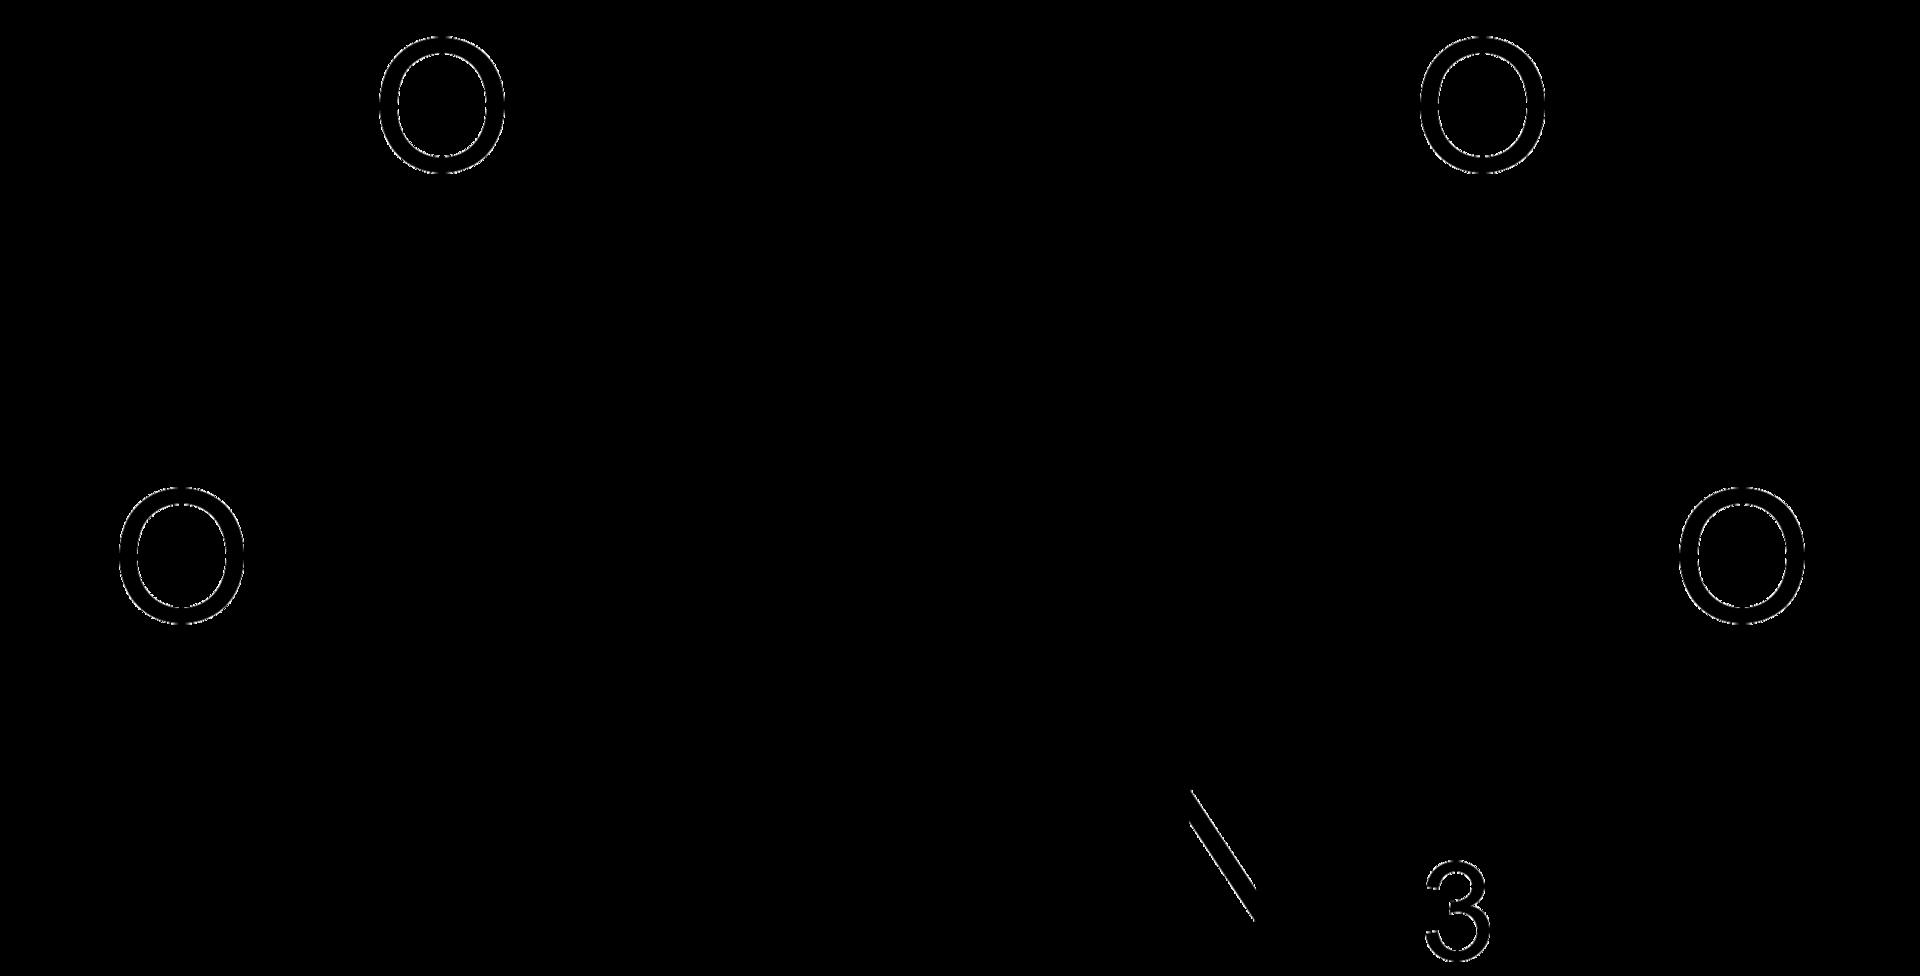 L-Glutamate Structural Formula